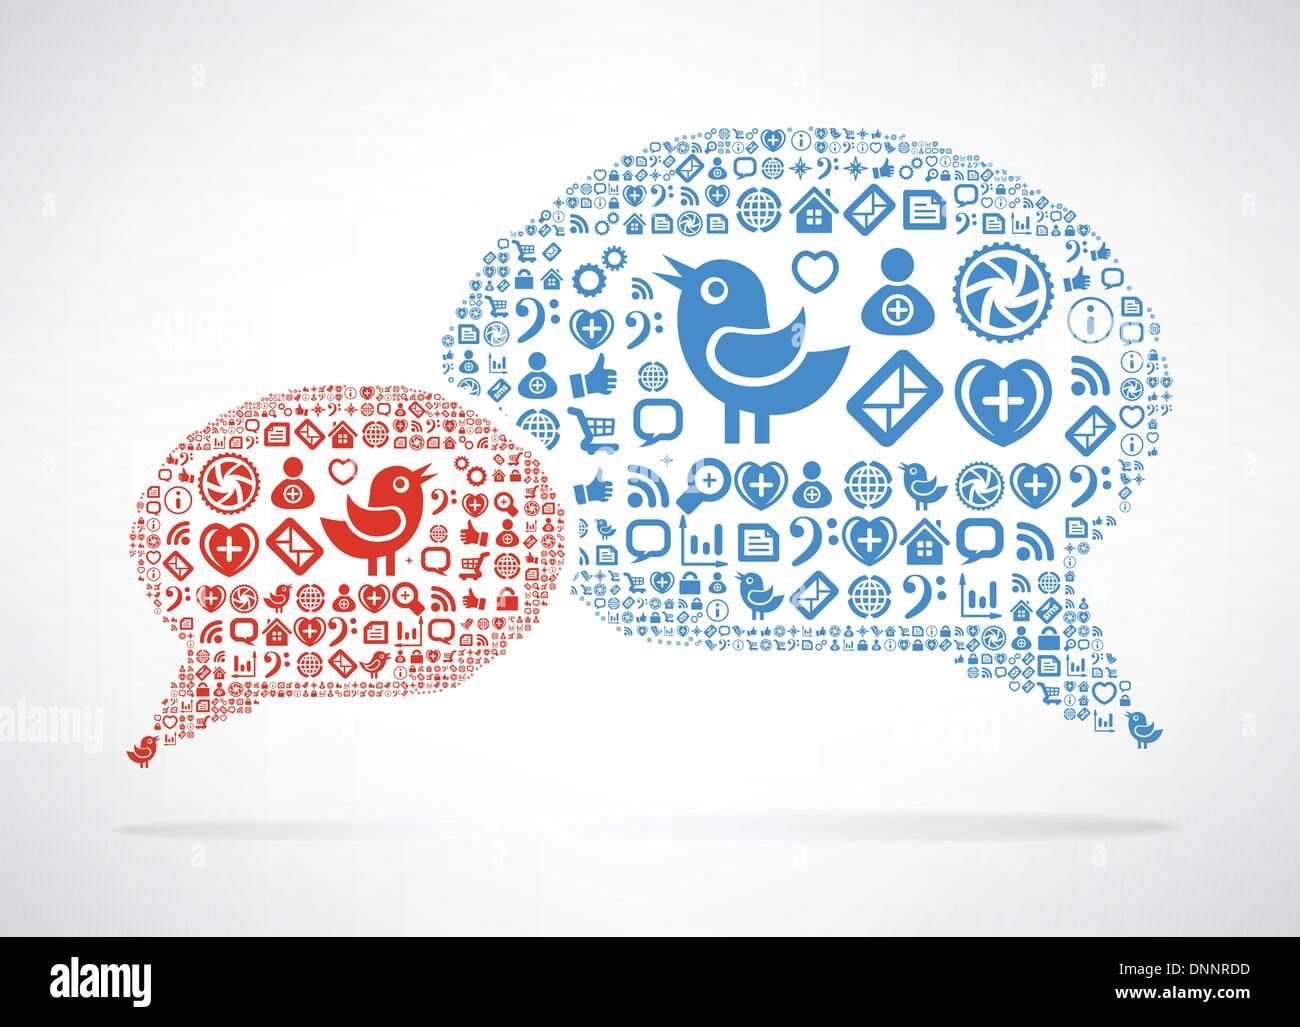 Social Media concetto. Icona a forma di nuvola in forma di discorso bolla Immagini Stock